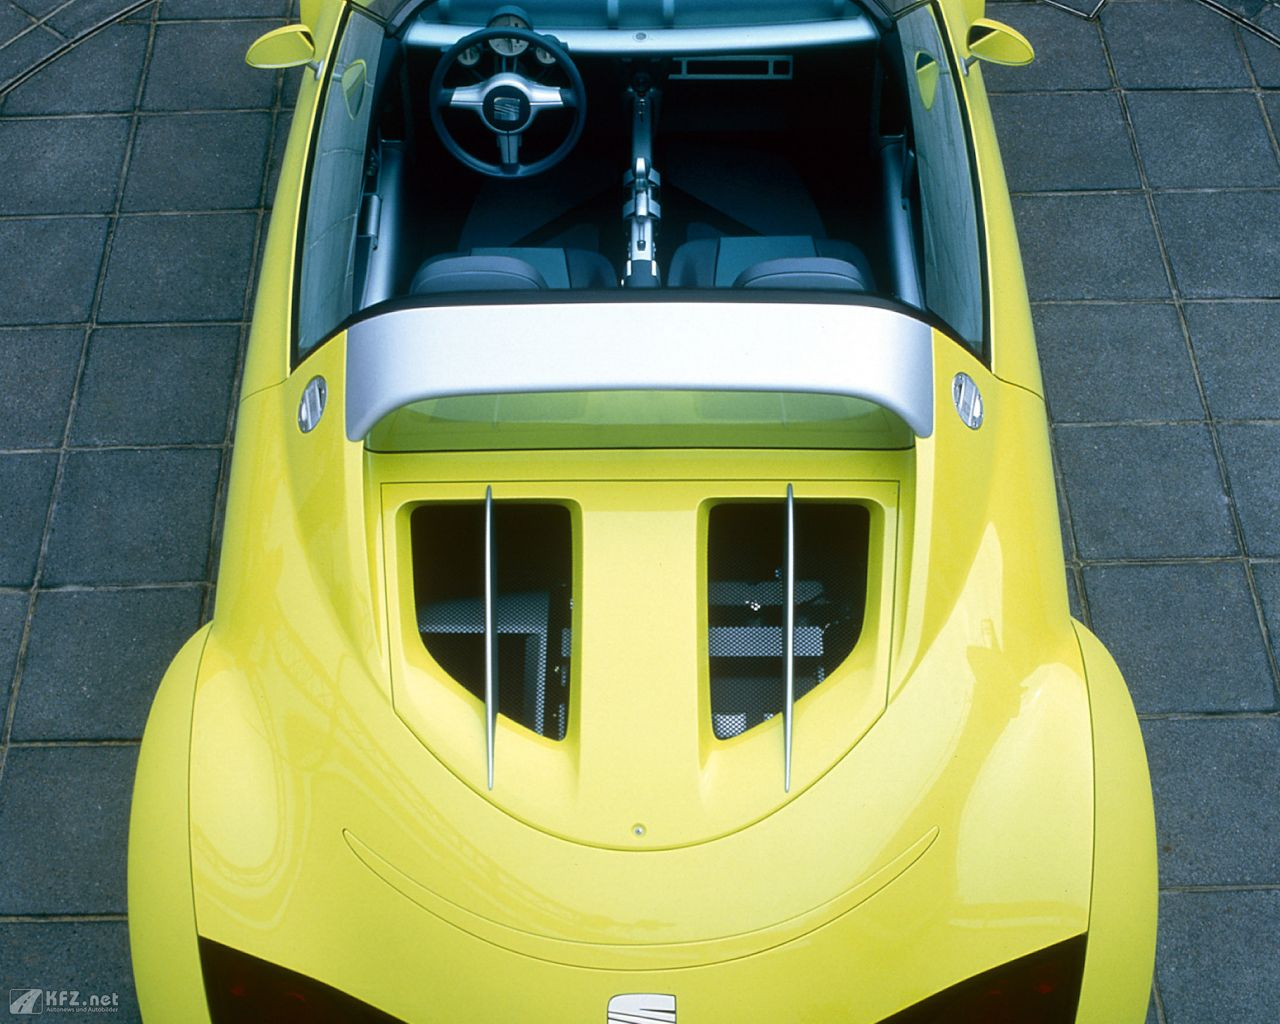 seat-formula-1280x1024-9